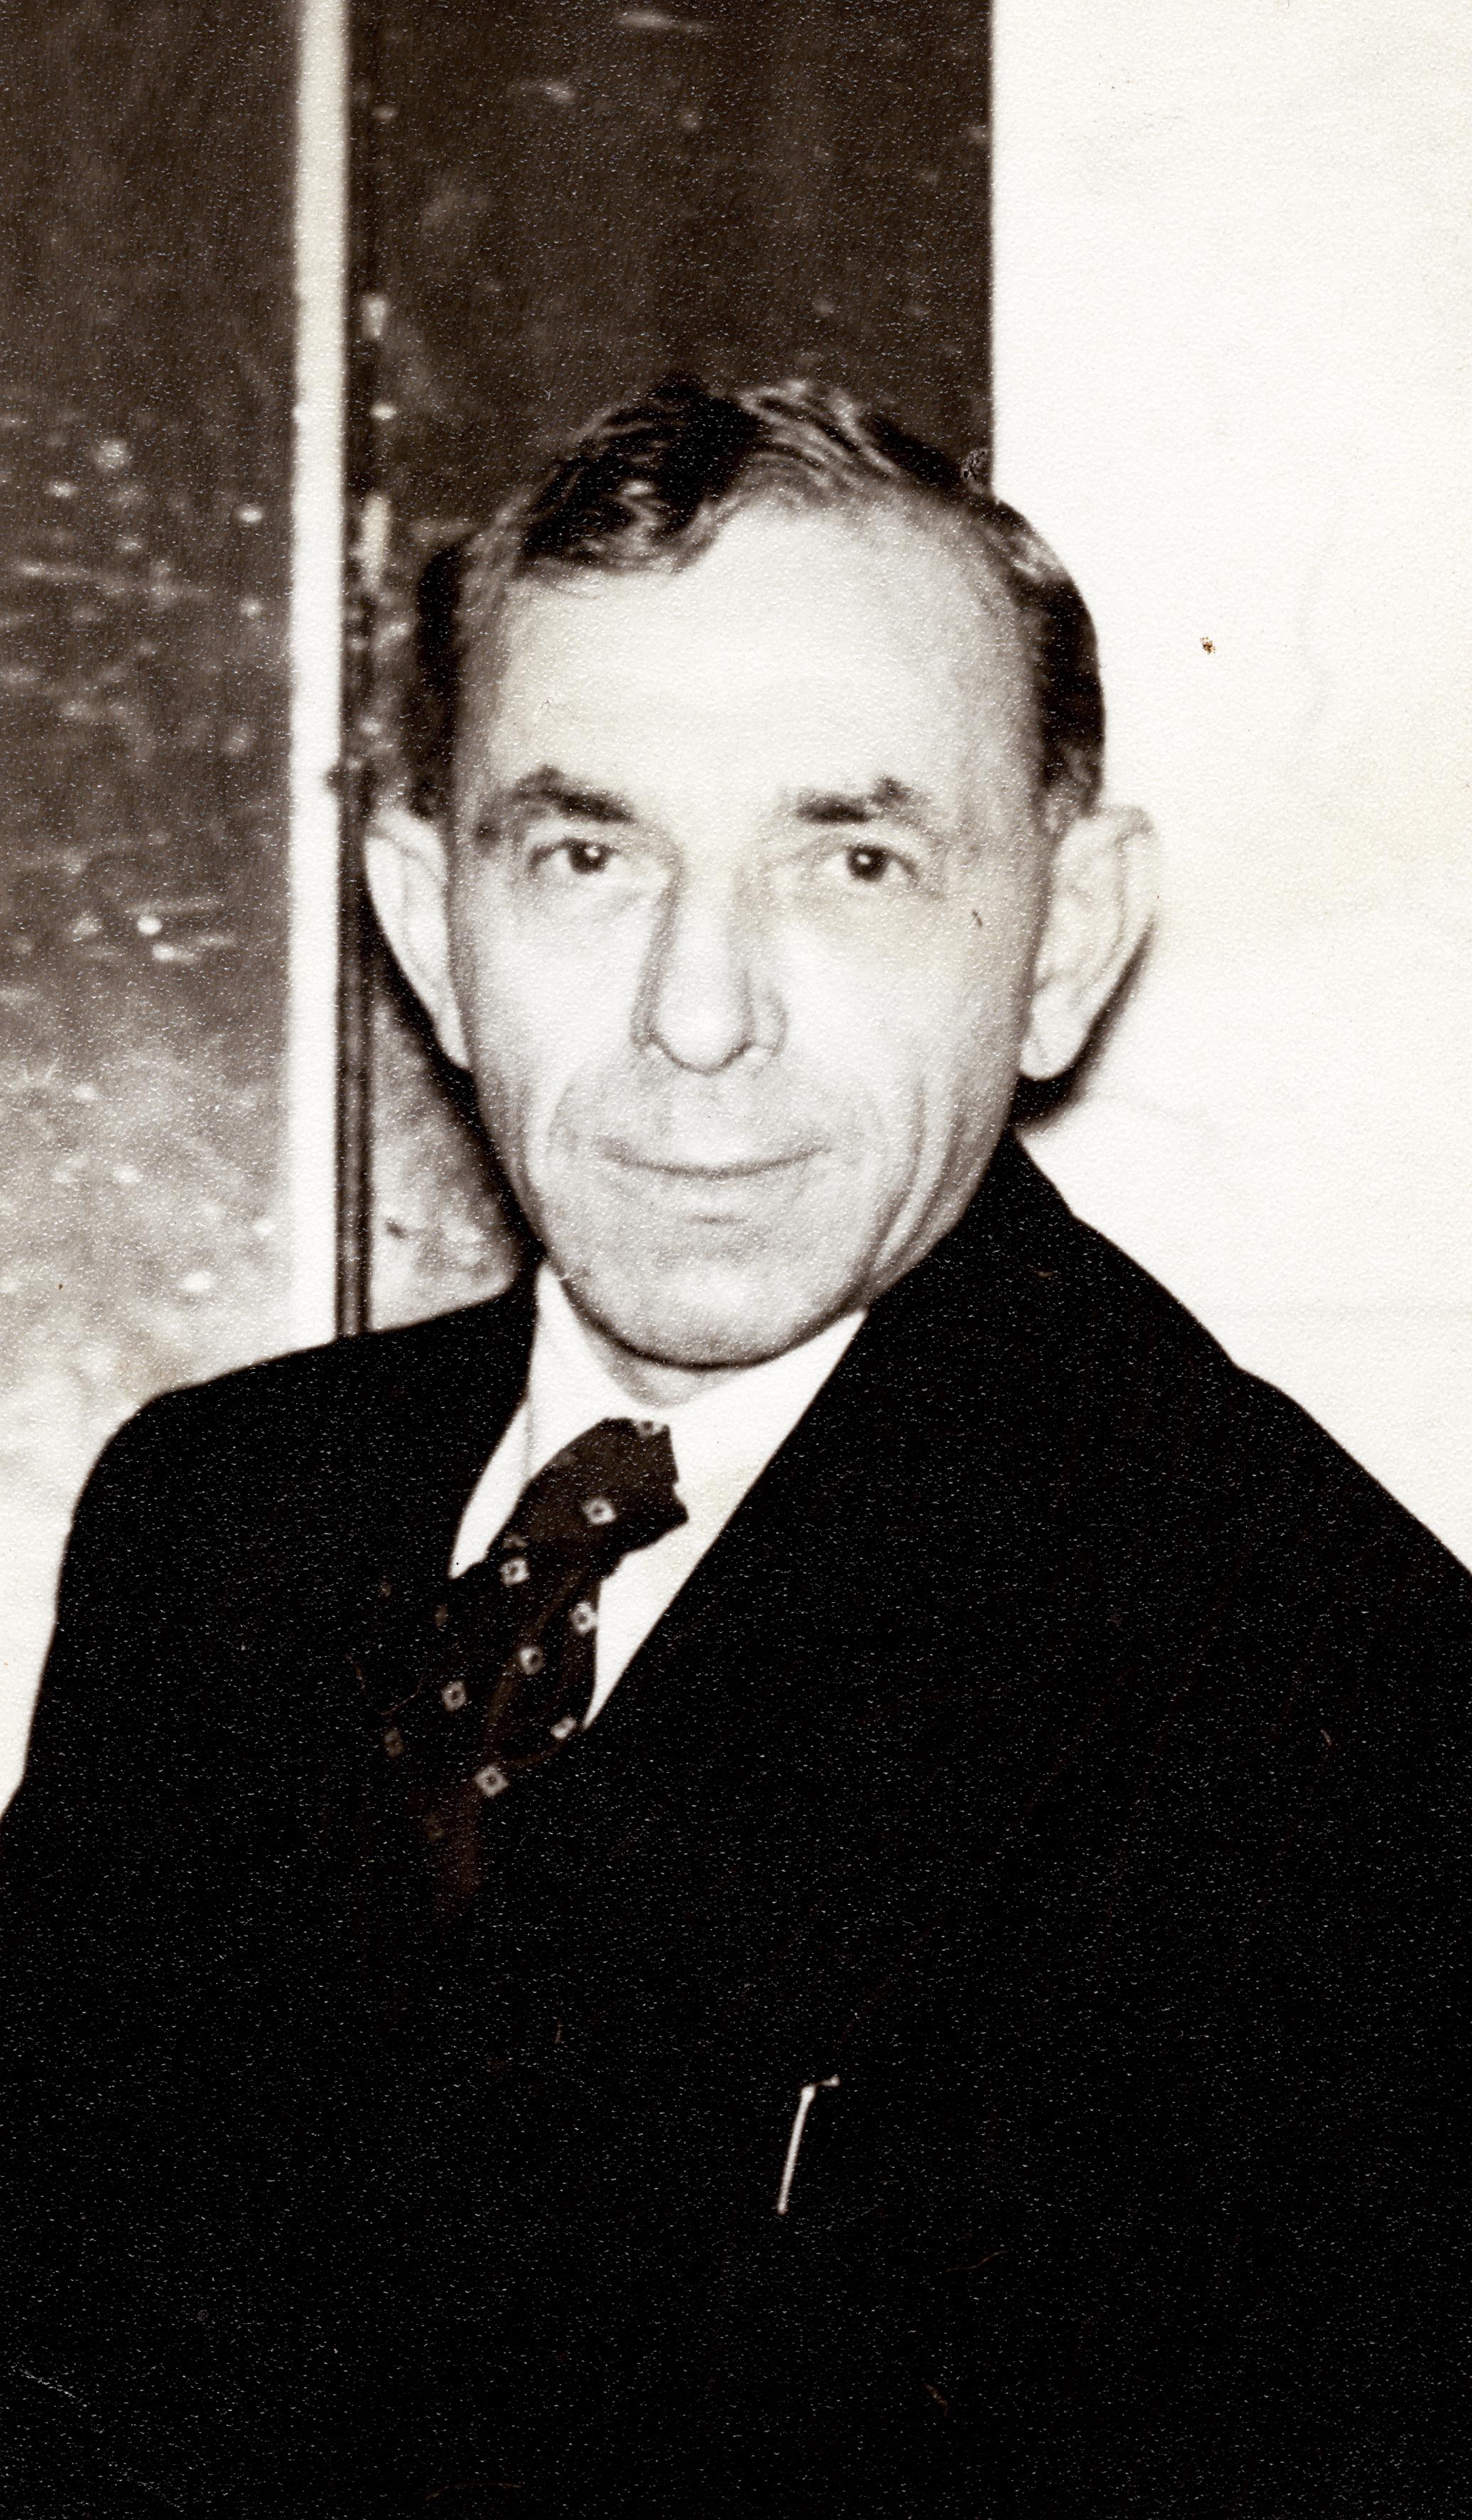 Zygmunt Krygier